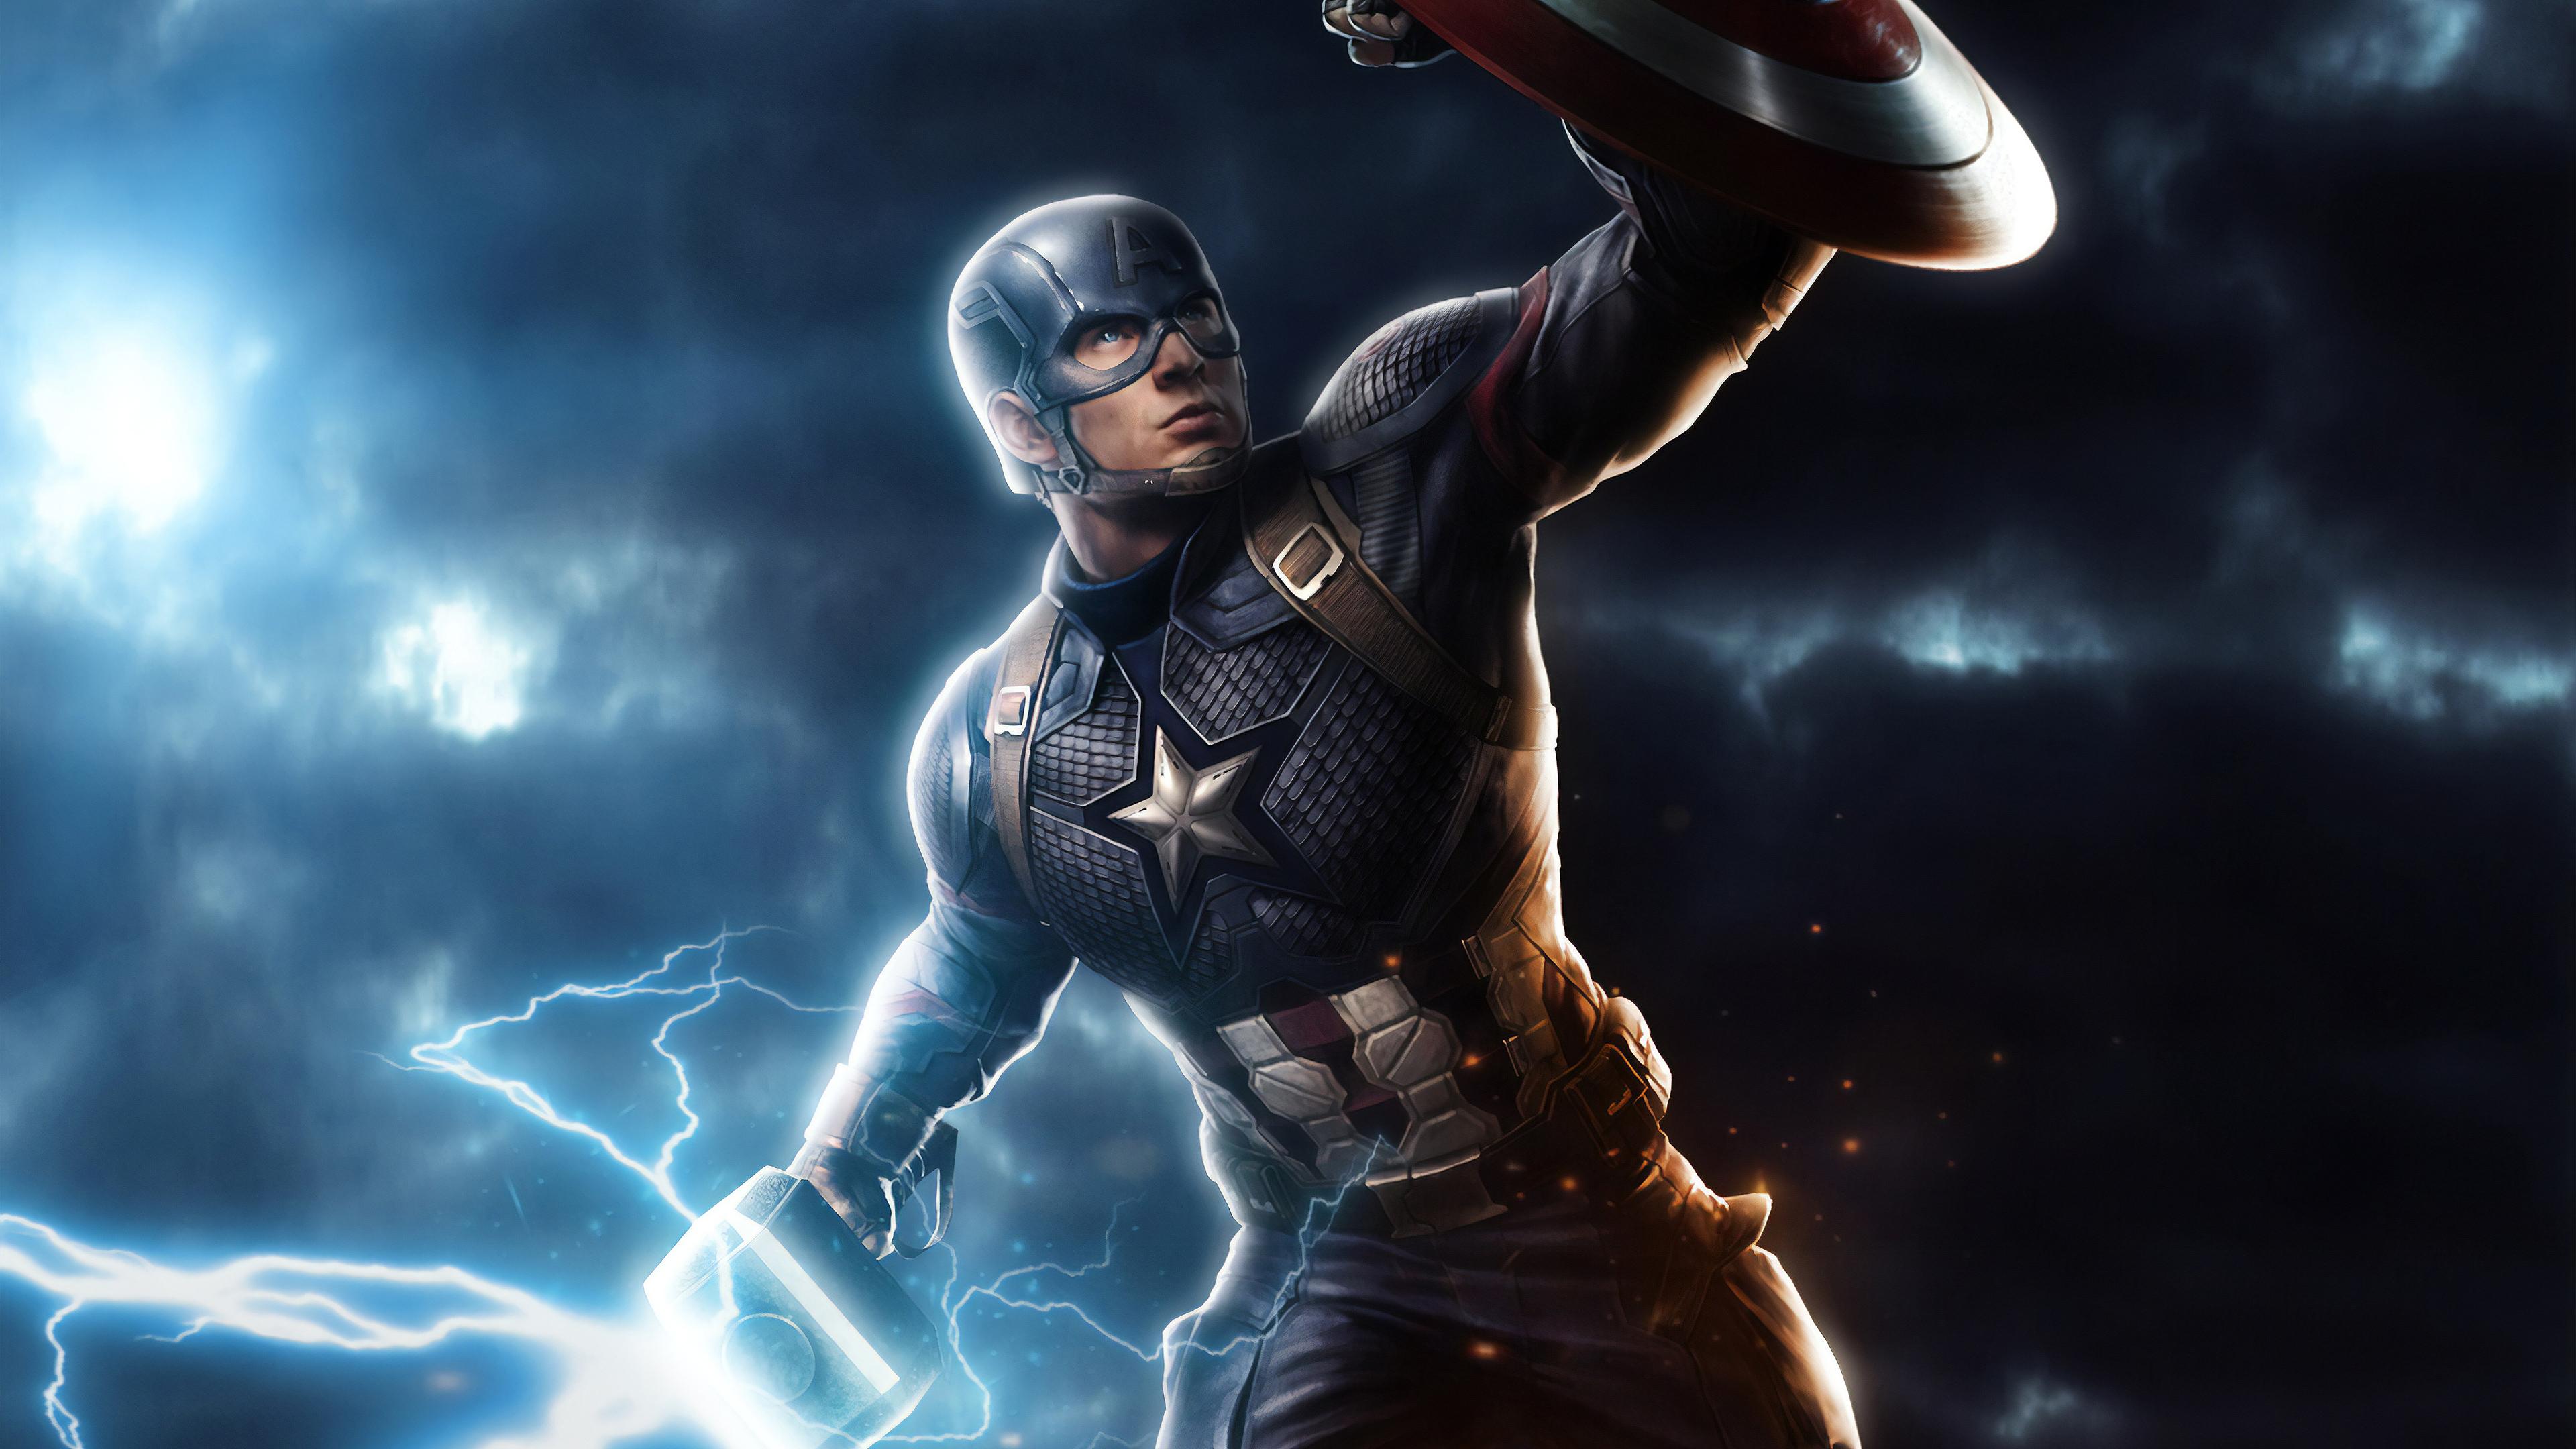 Captain America Mjolnir Avengers Endgame 4k Art Hd